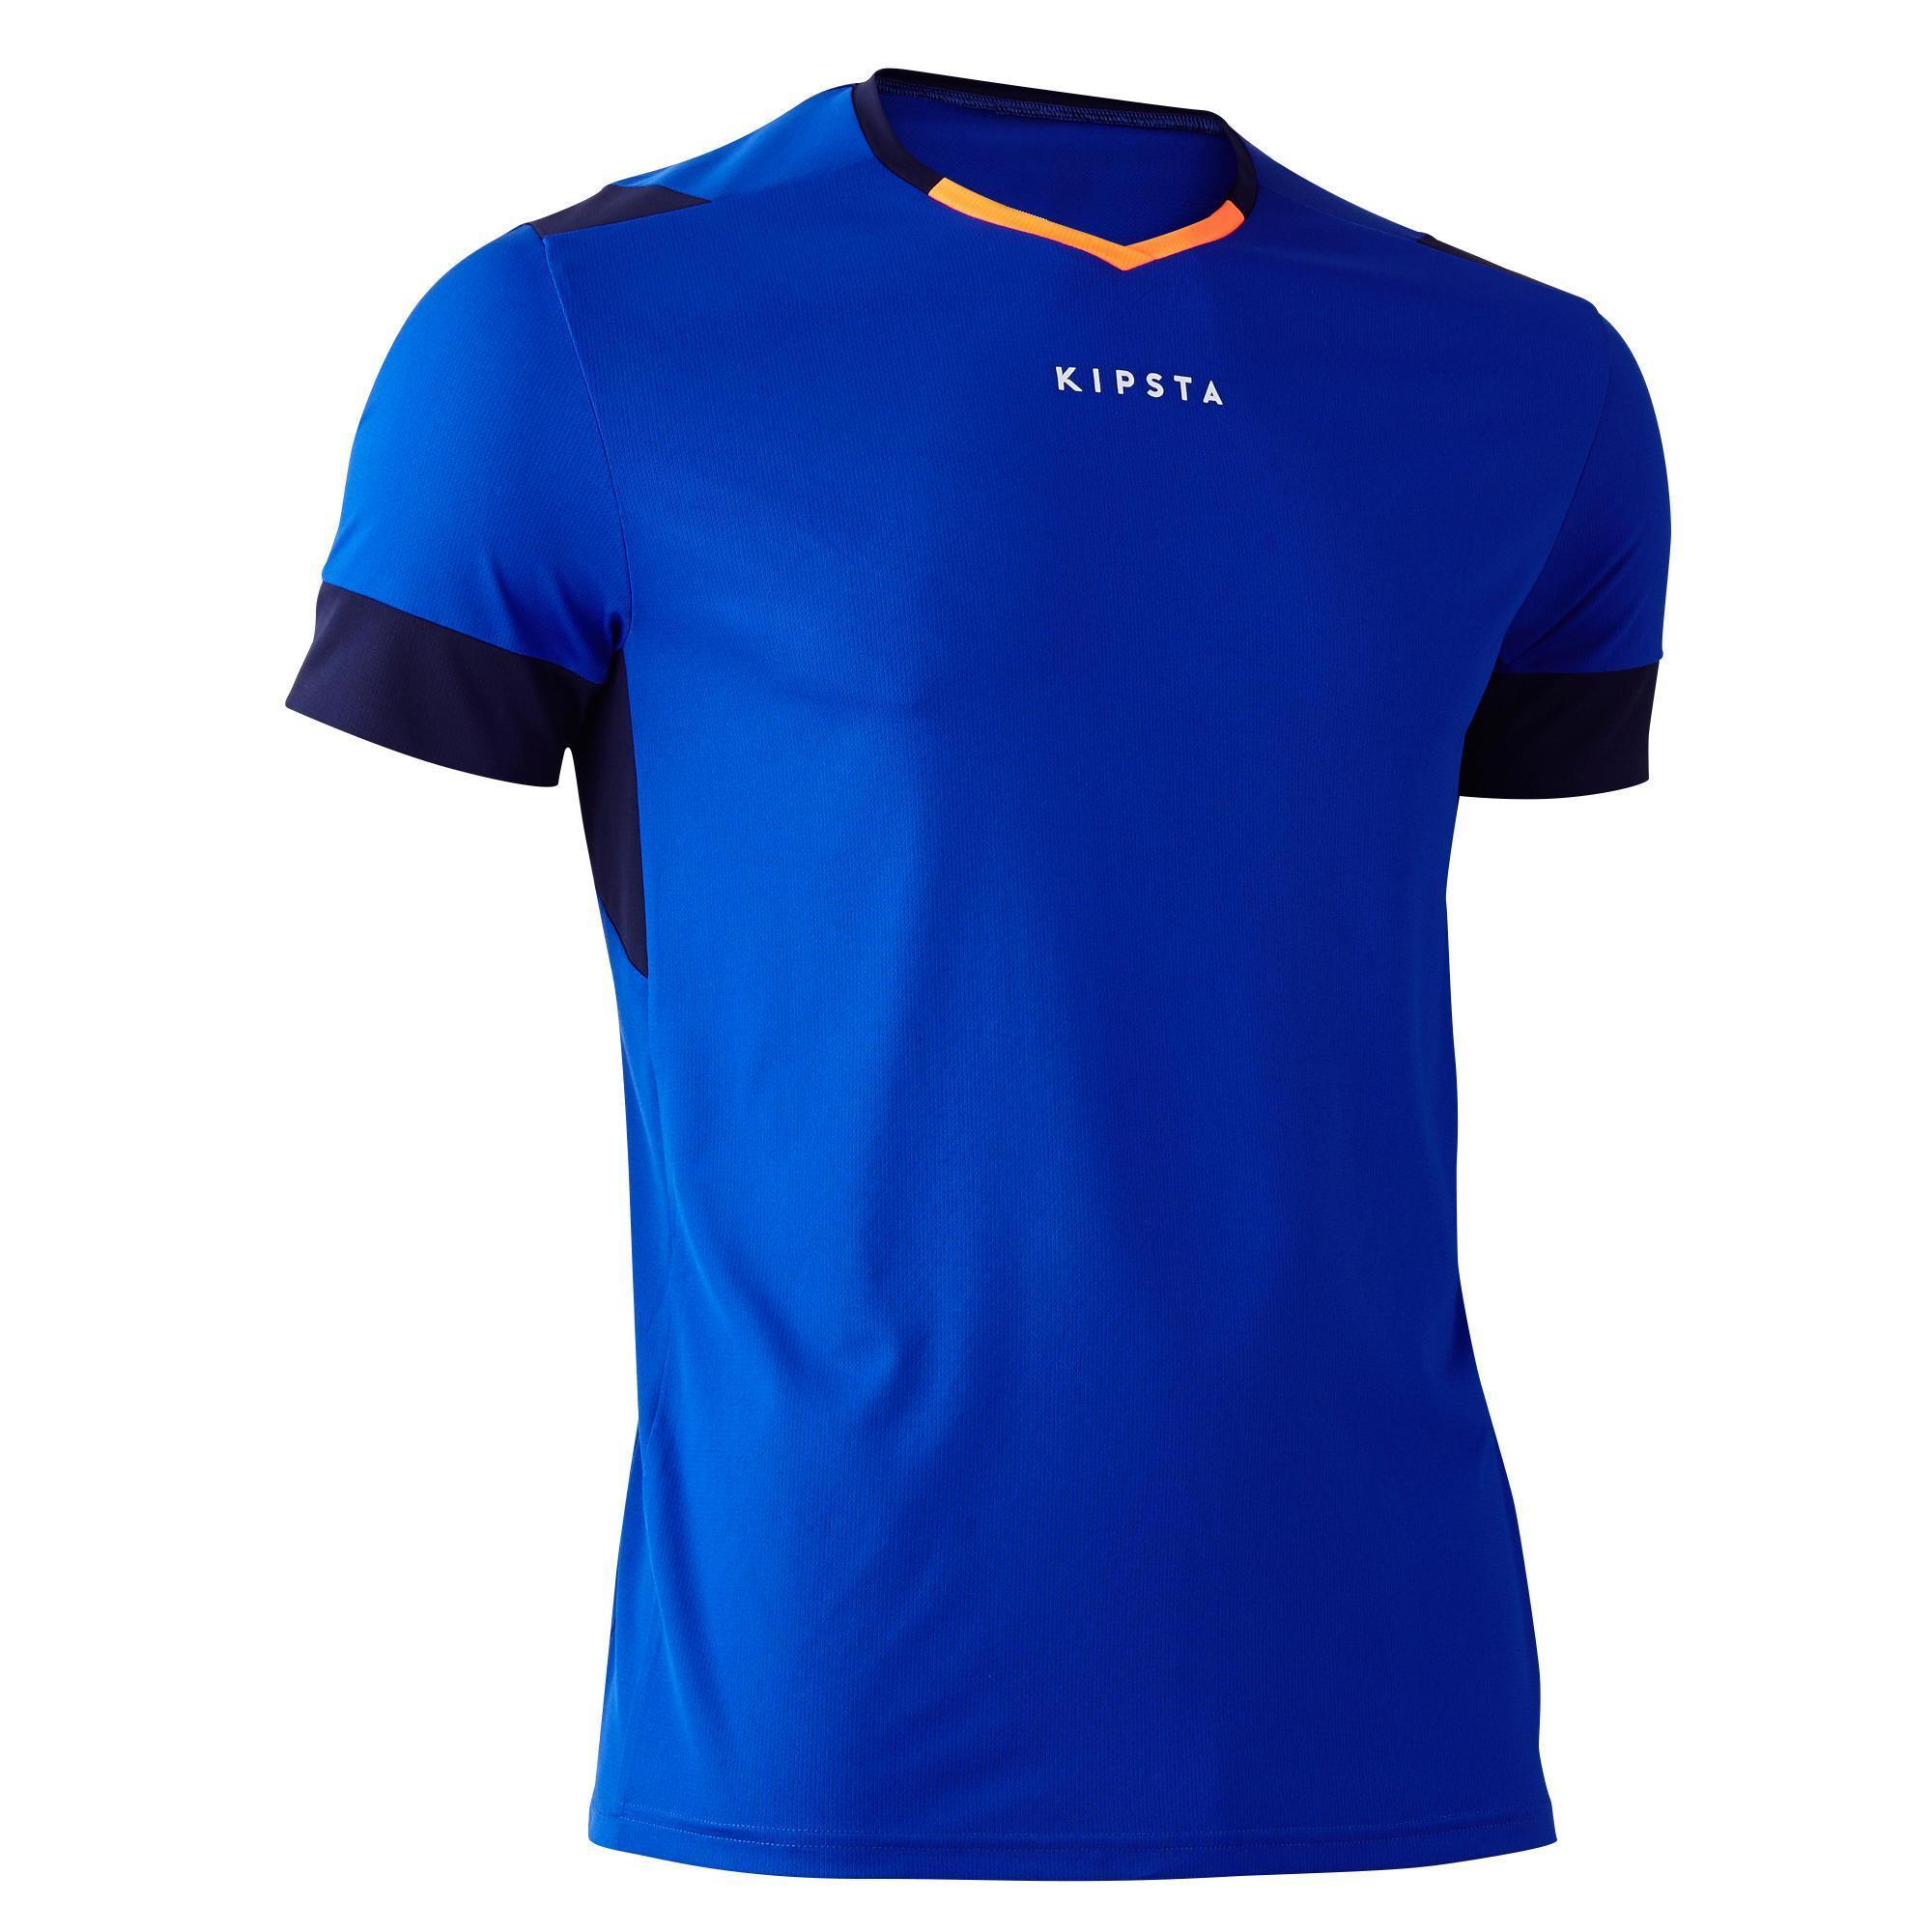 Kipsta Voetbalshirt F500 voor volwassenen blauw